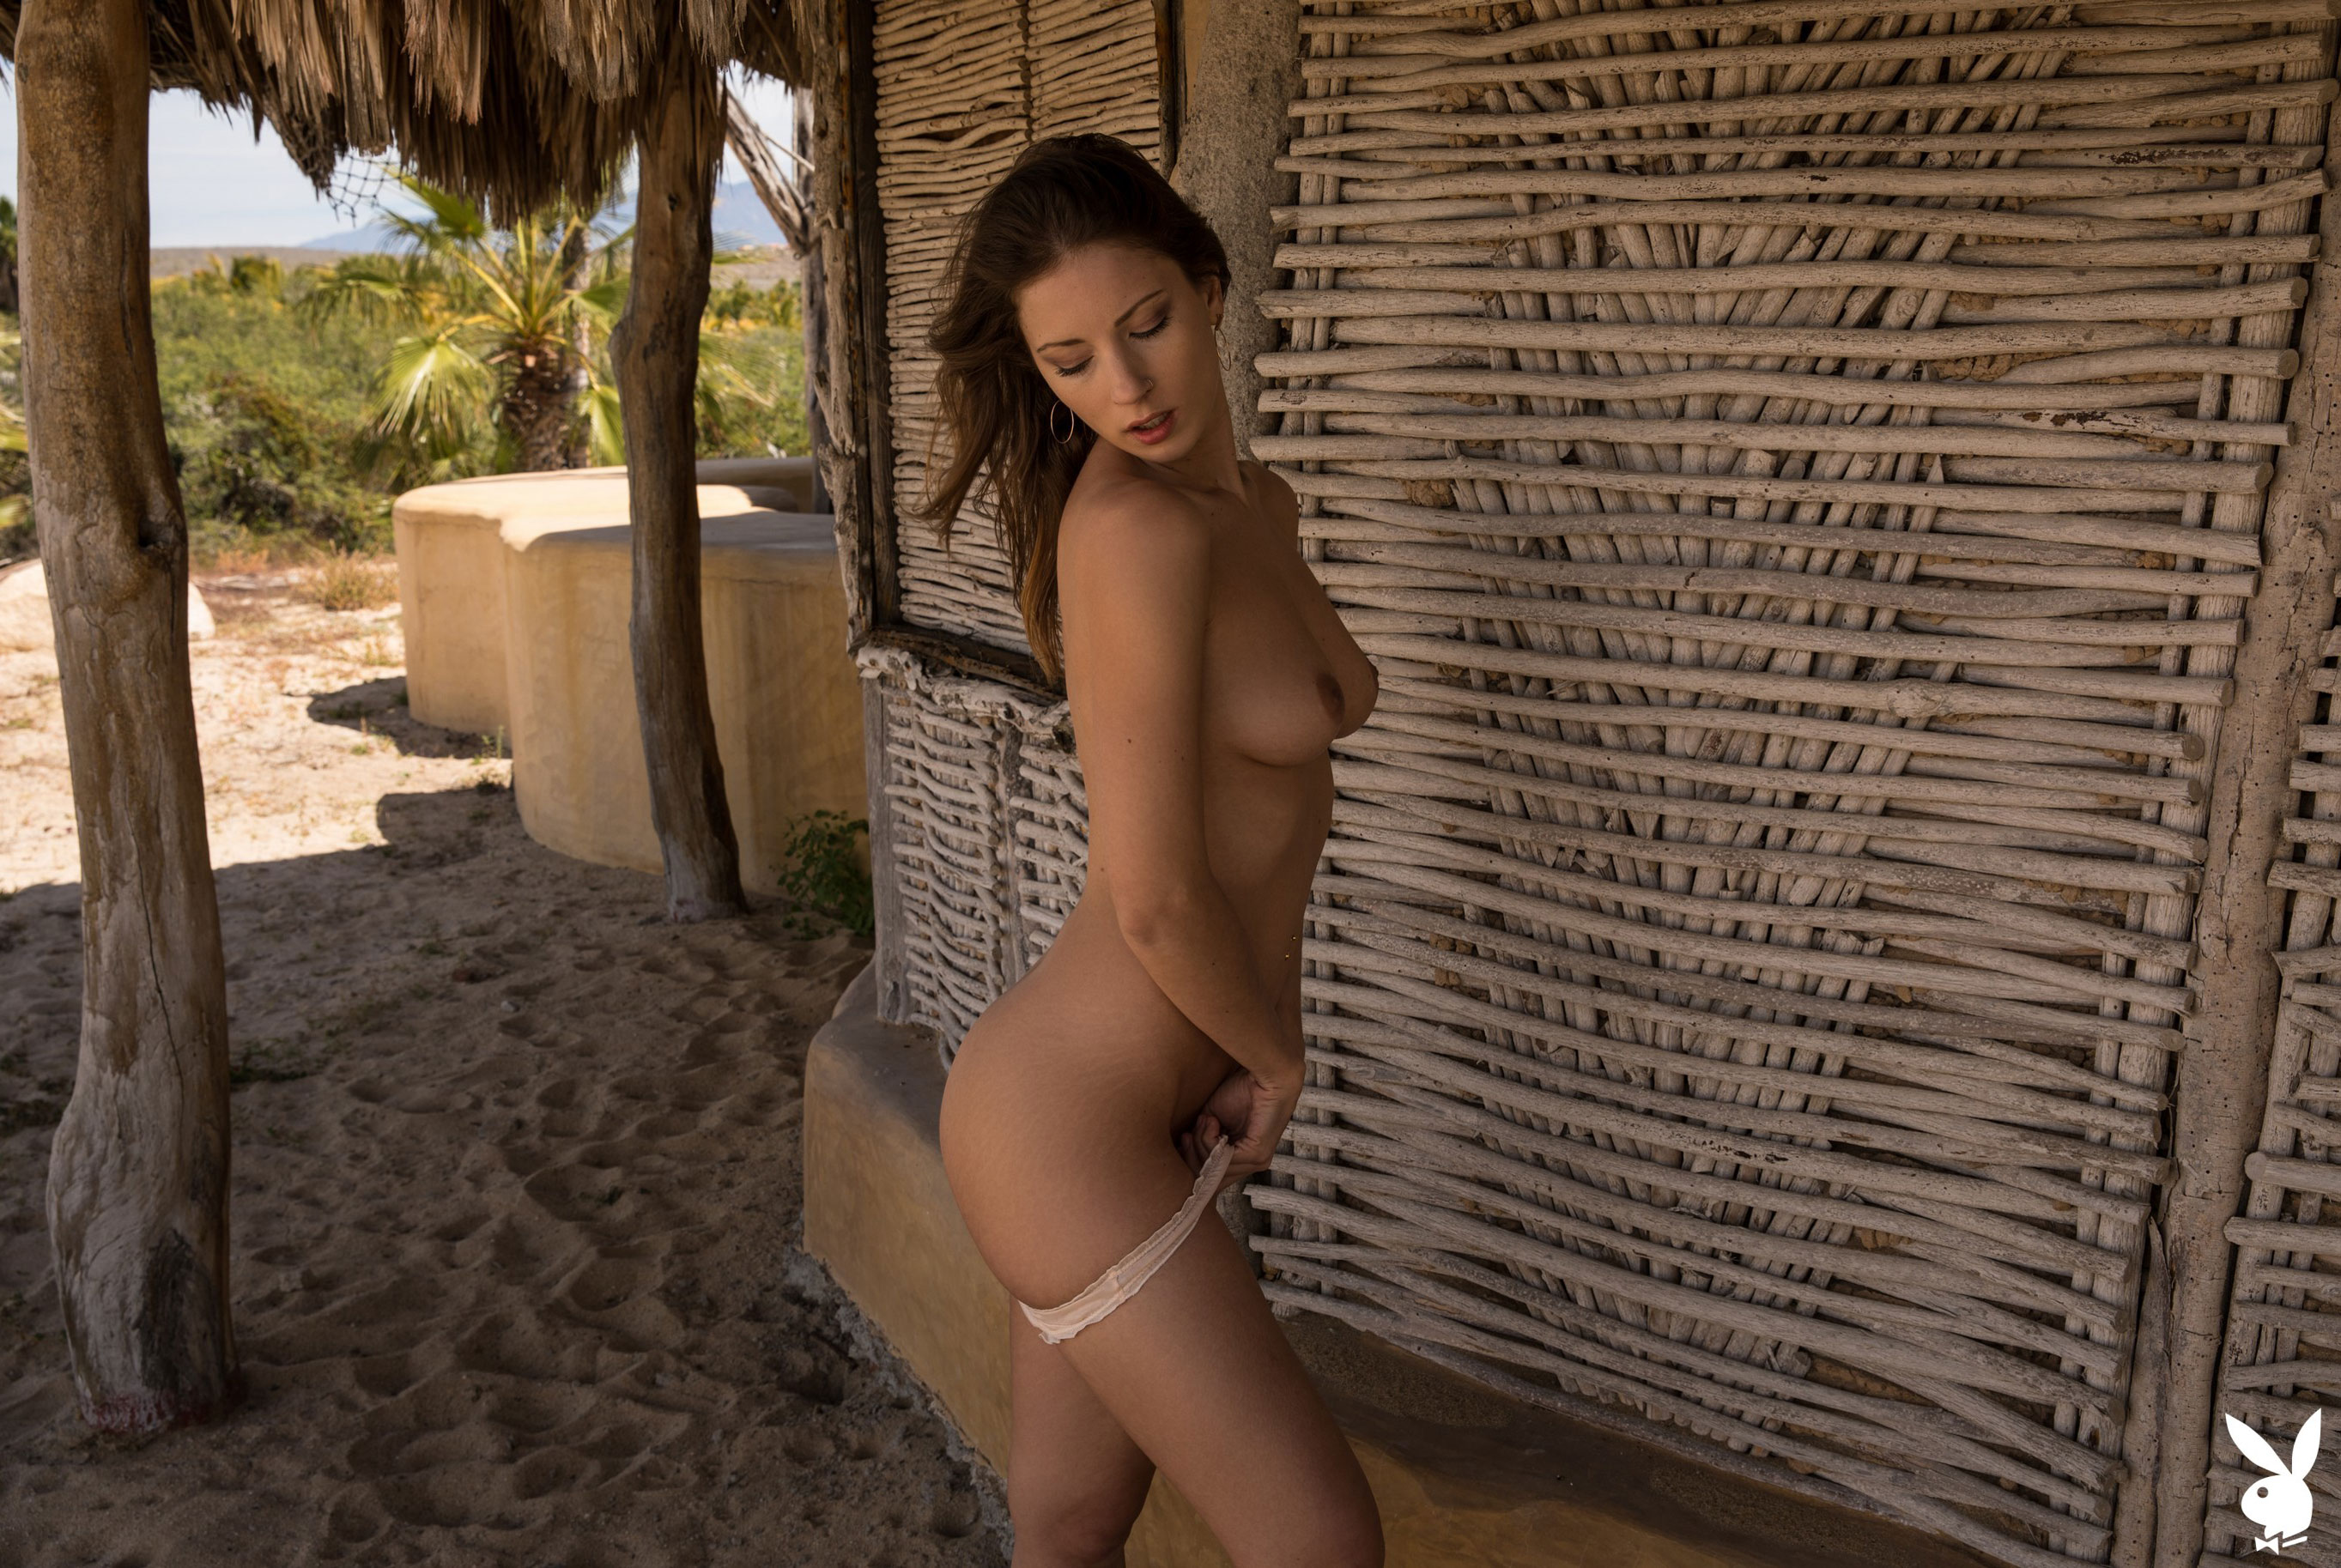 Отдыхаем на мексиканском пляже с сексуальной моделью Playboy / фото 11